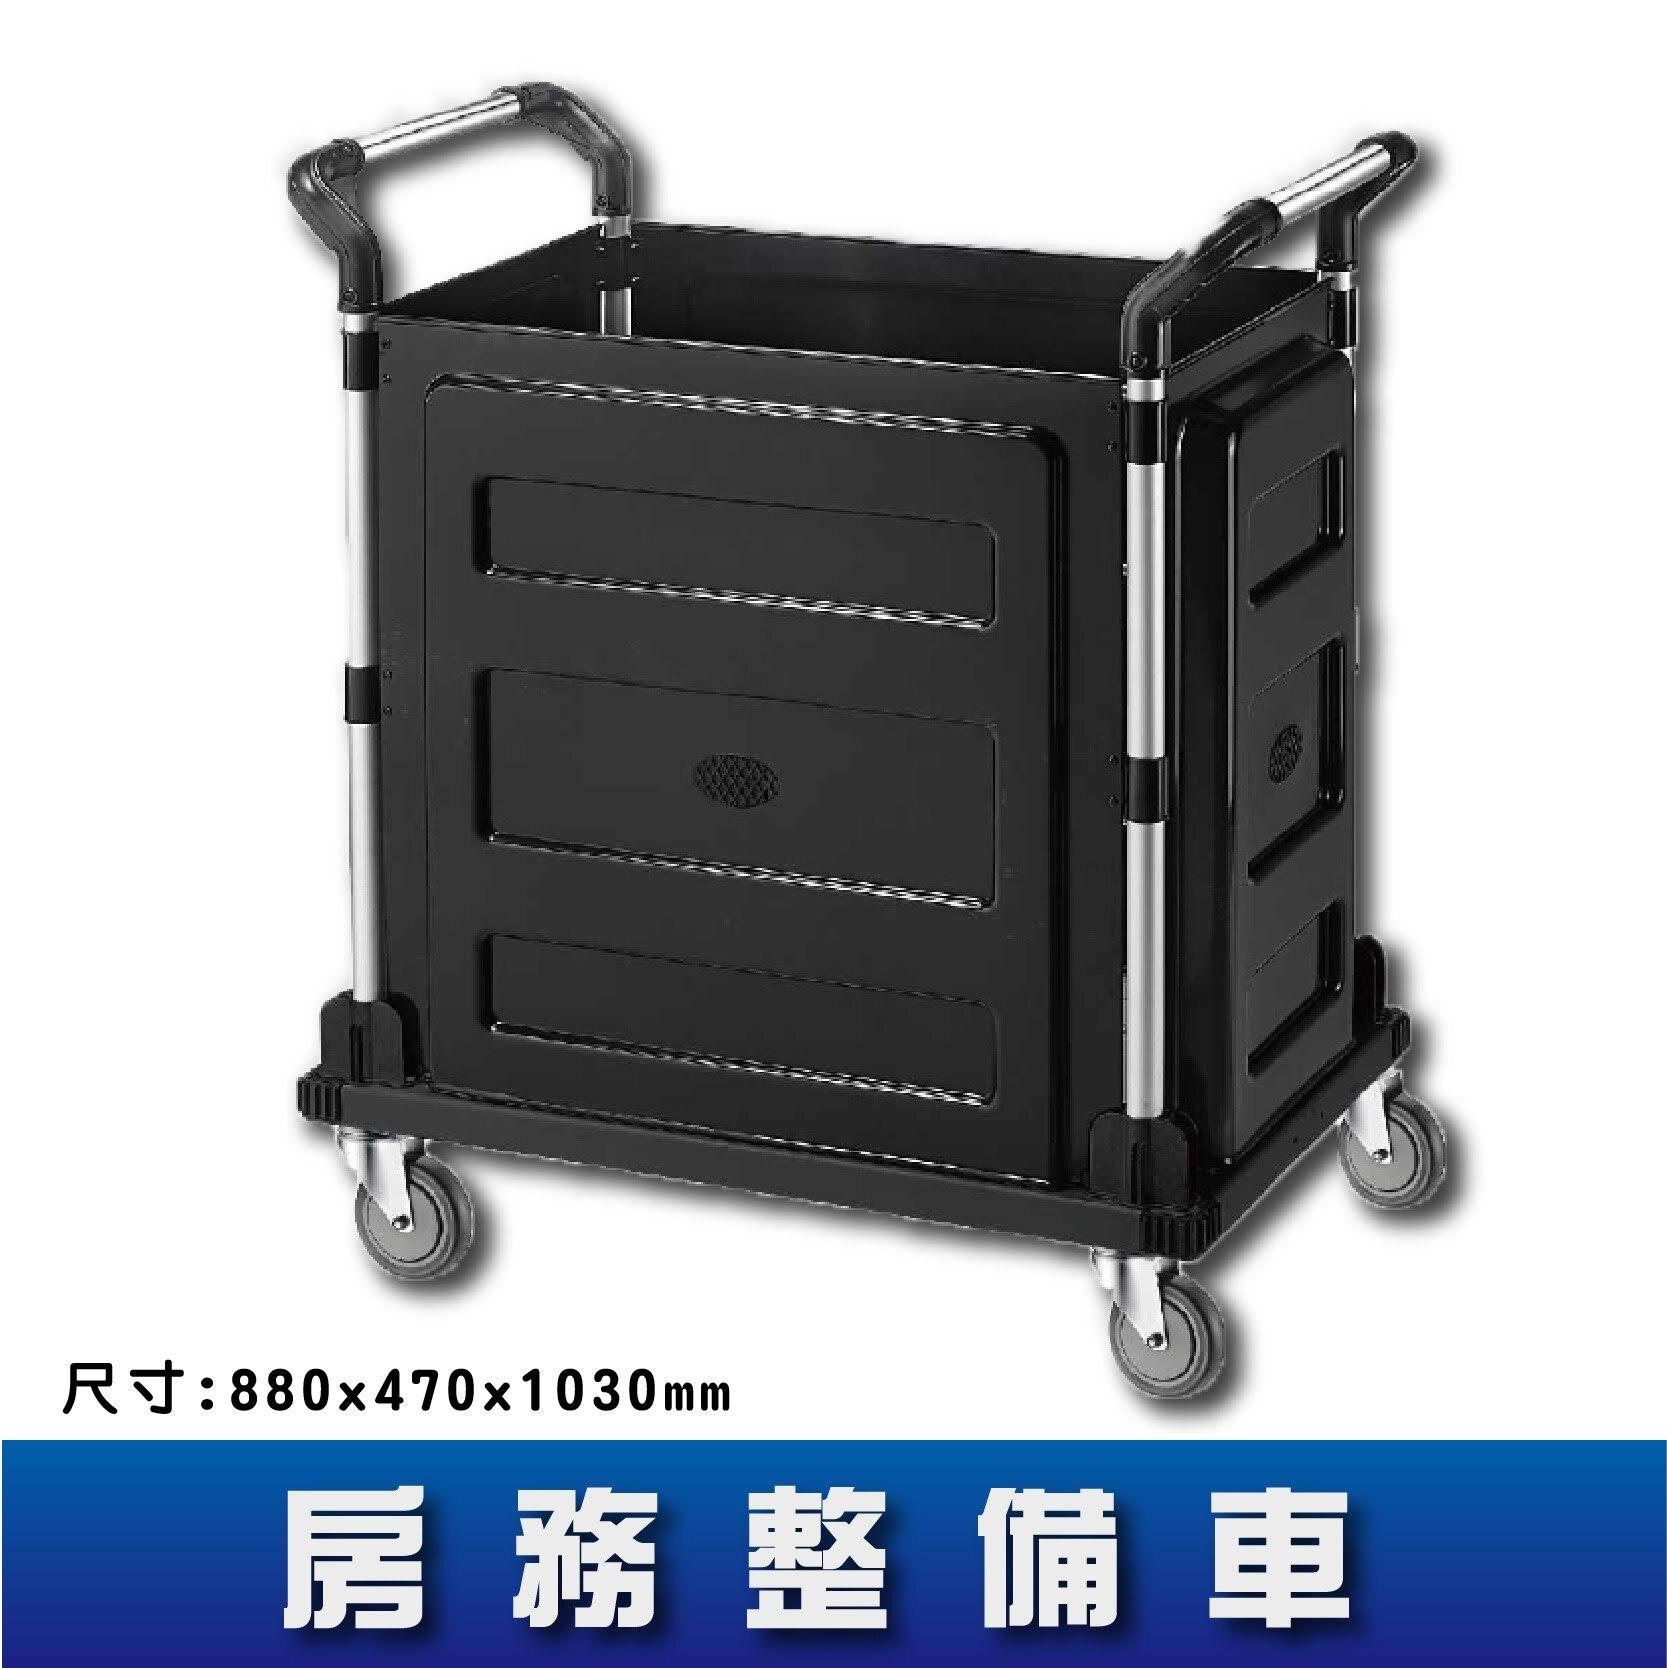 多種選擇〞KT880 房務整備車 手推車 工作車 置物車 分層車 餐車 清潔車 房務車 服務車